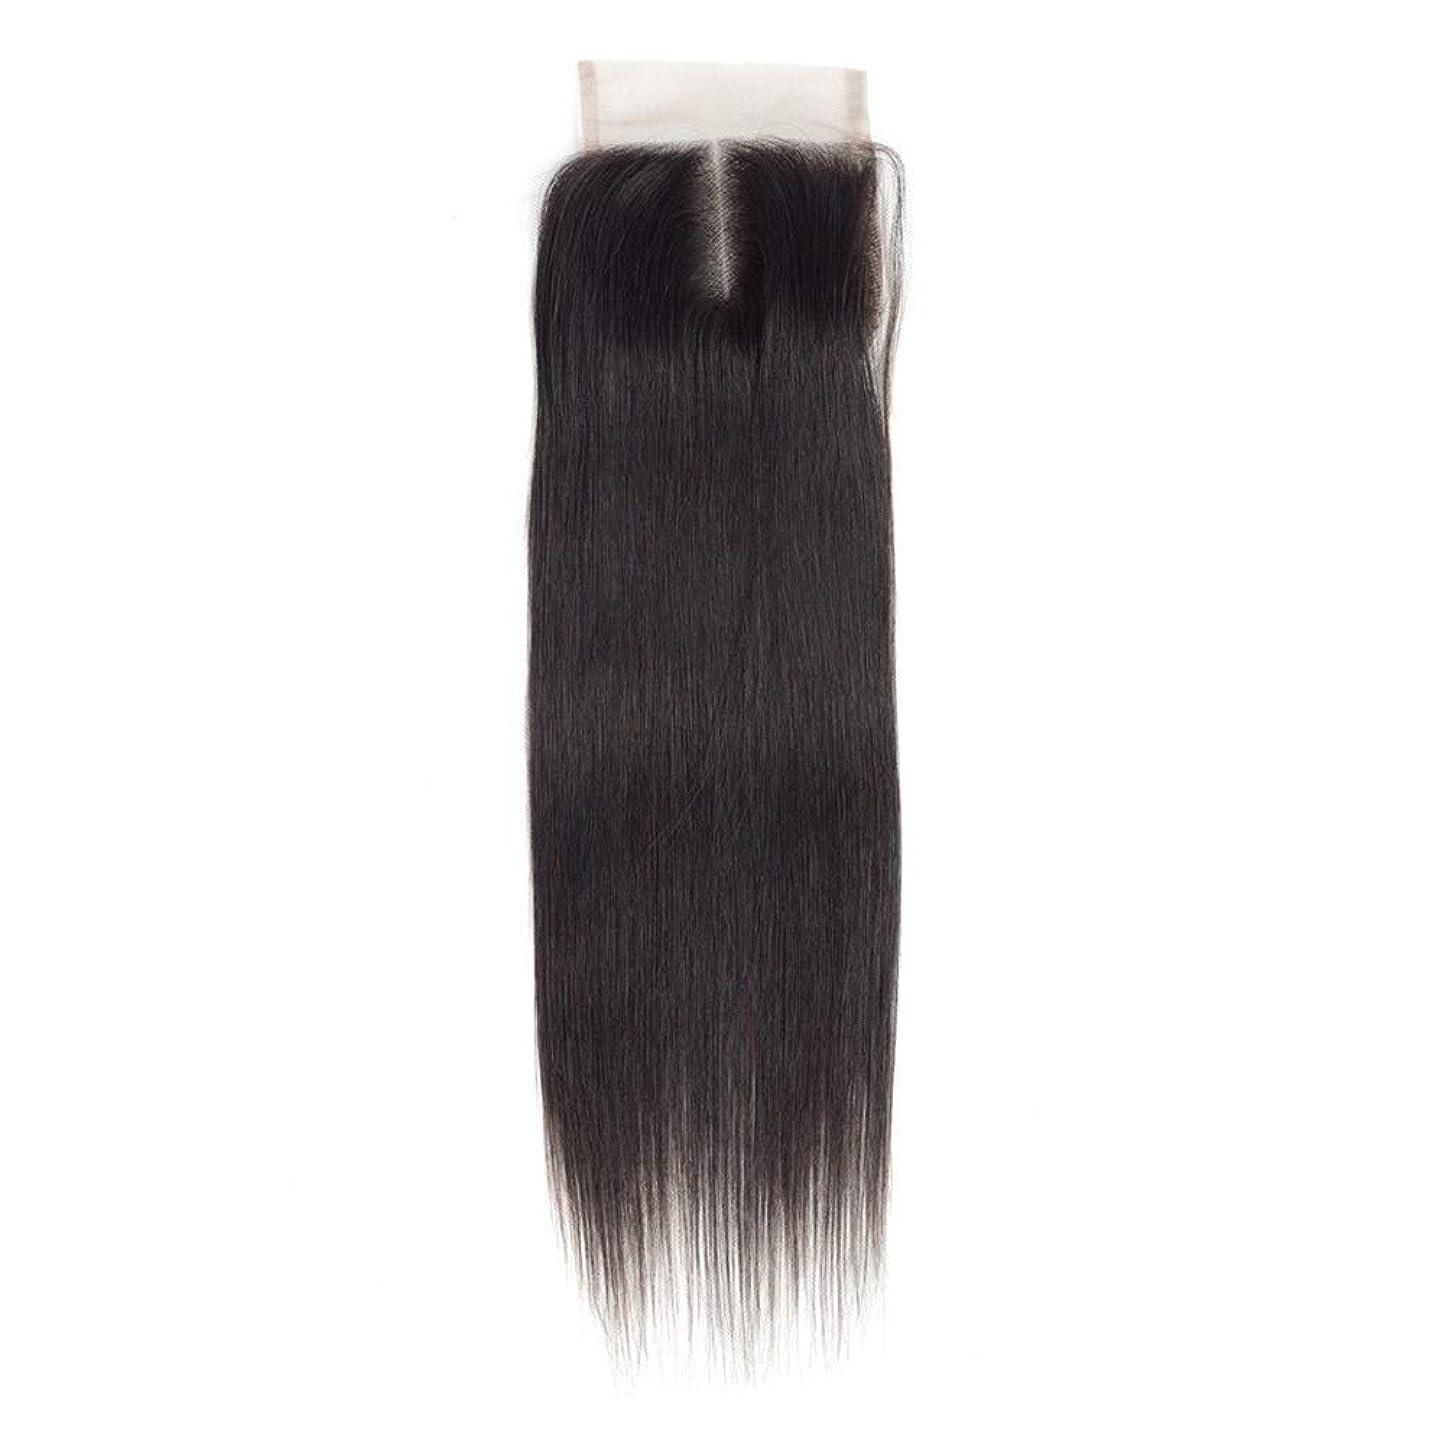 監督するプレミアム明確なYrattary 女性のRemy人間の髪の毛4×4レース前頭閉鎖中央部ナチュラルカラーストレート横糸ヘアエクステンションロングストレートヘアウィッグ (色 : ブラック, サイズ : 8 inch)